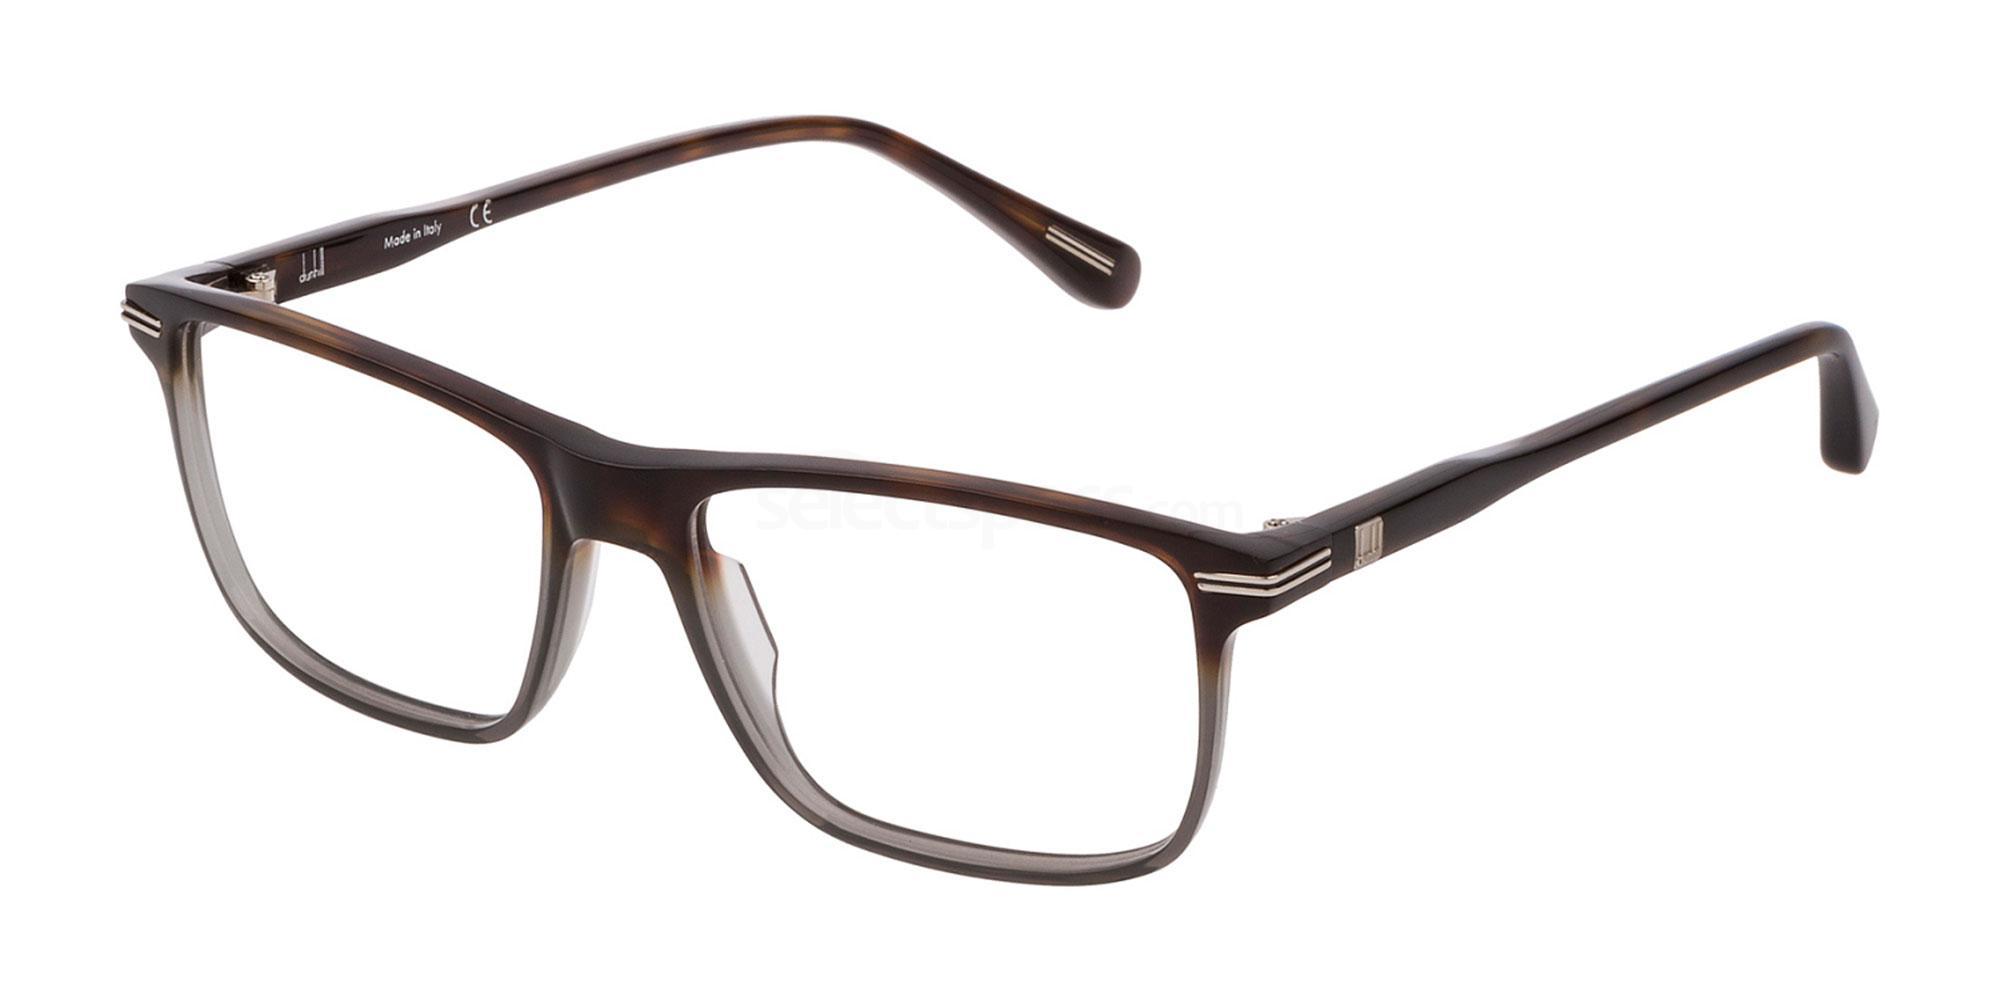 0793 VDH142 Glasses, Dunhill London